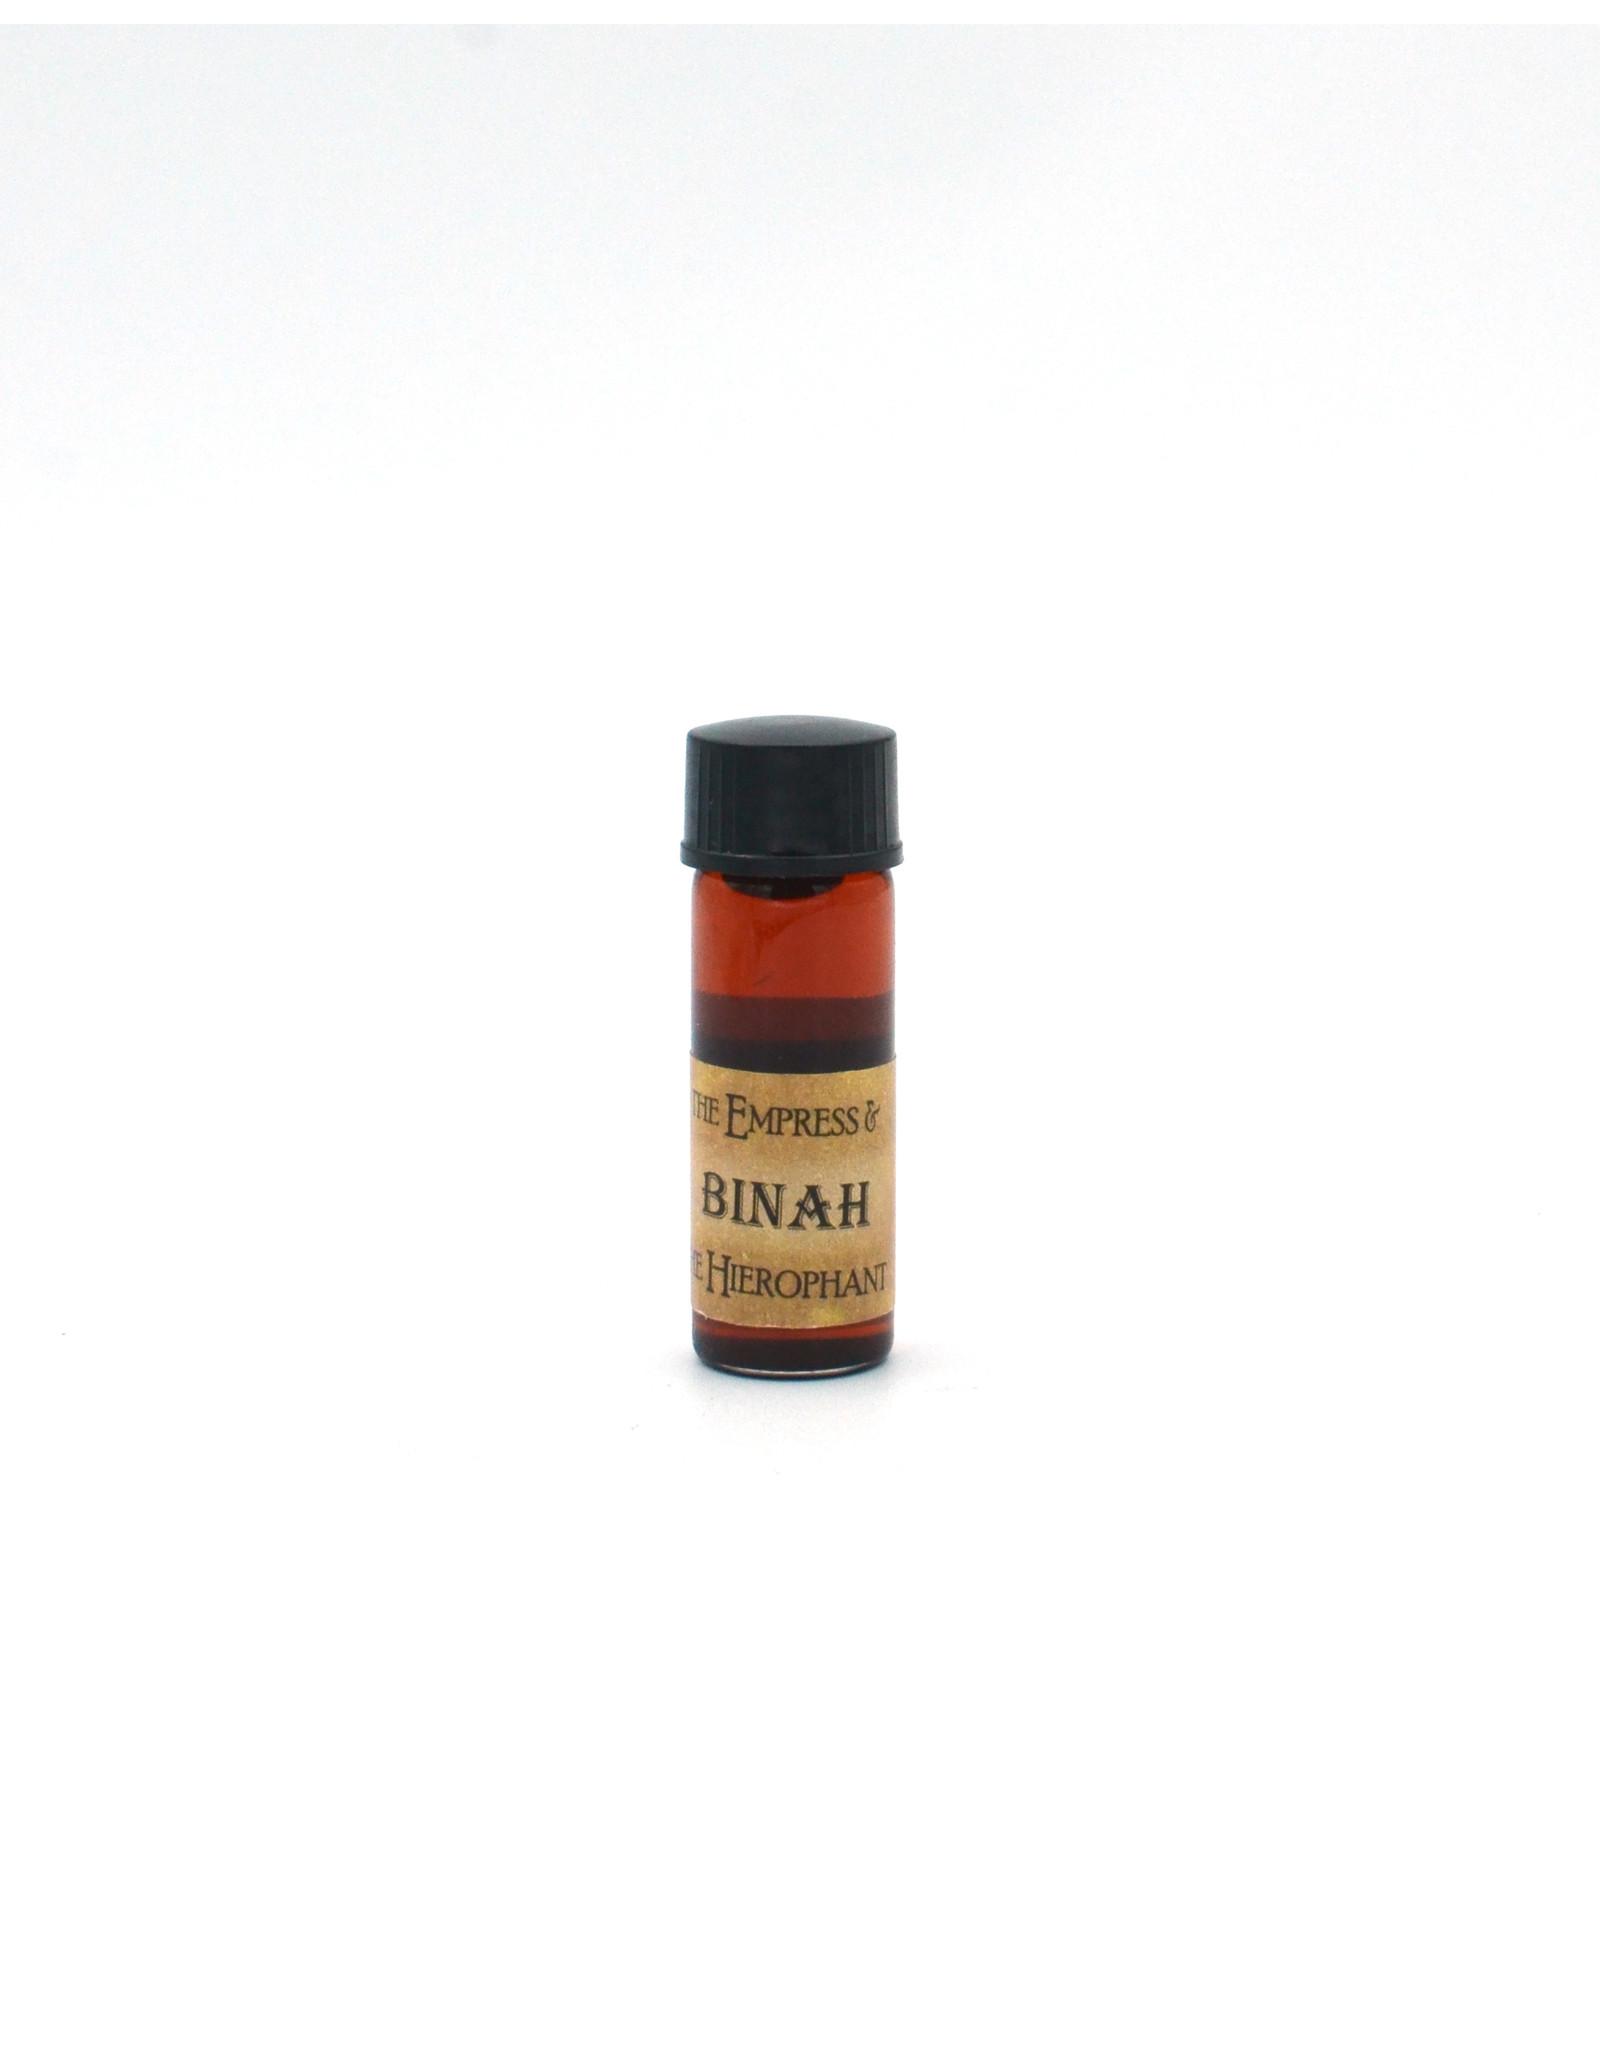 Binah Magickal Oil 1 Dram Bottle